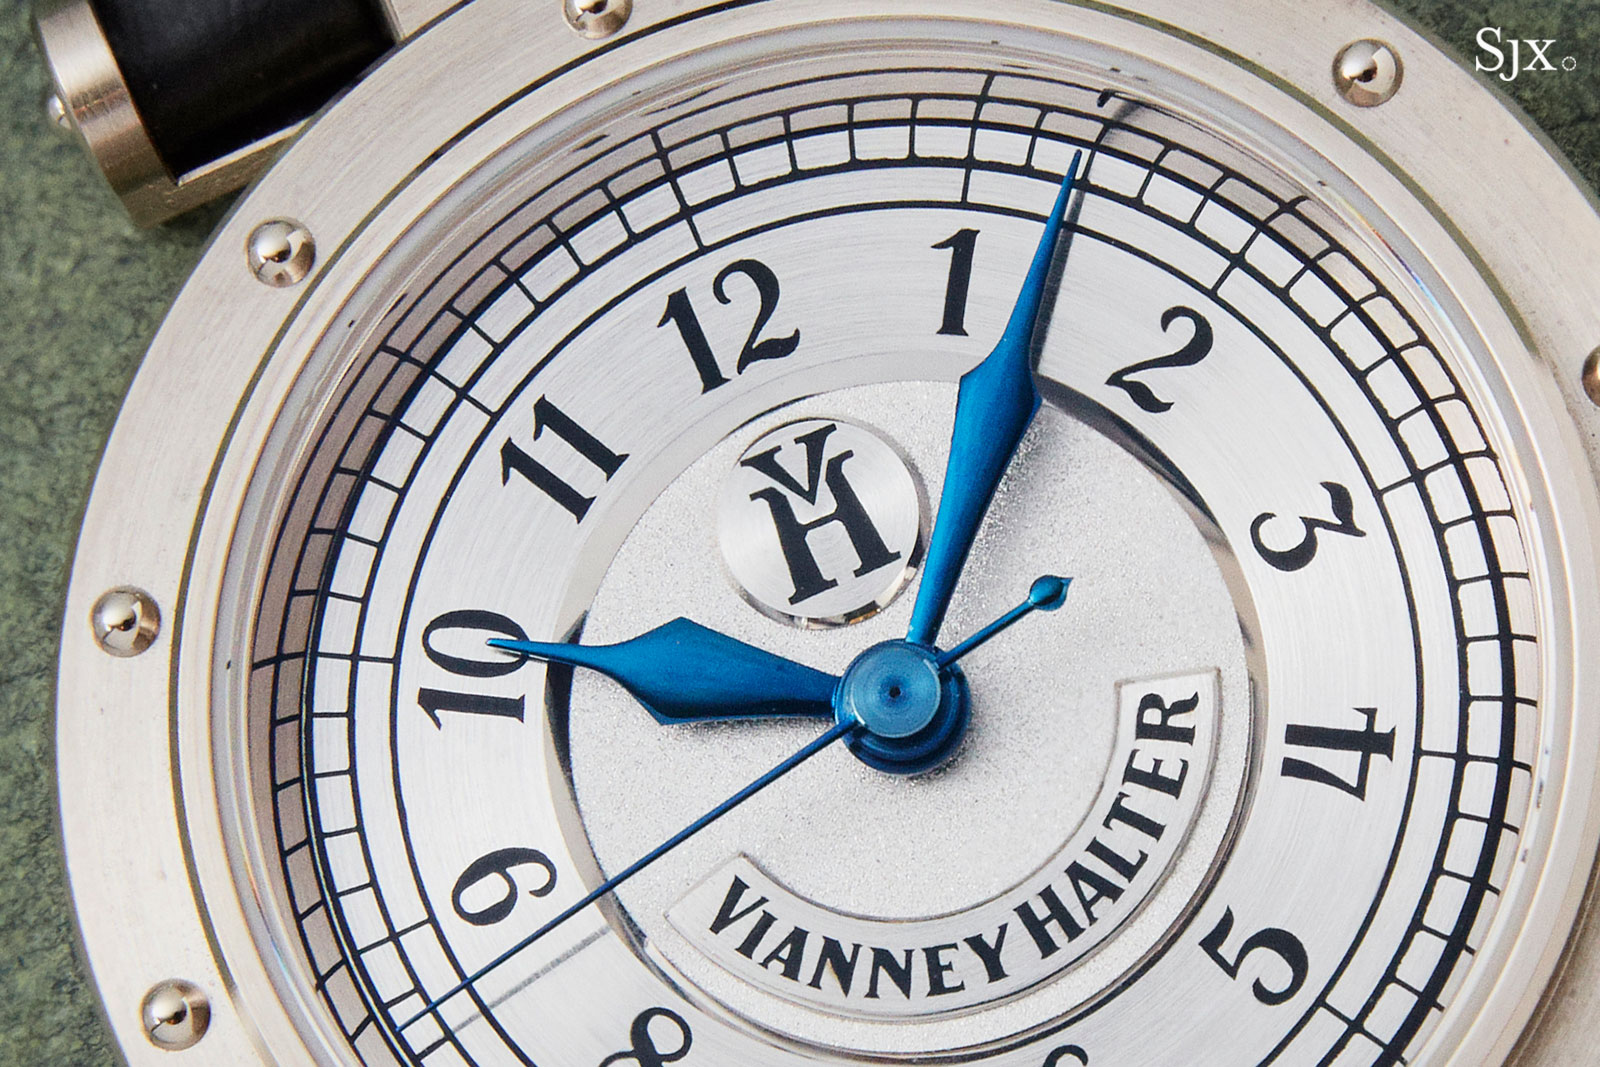 Vianney Halter Classic white gold 1